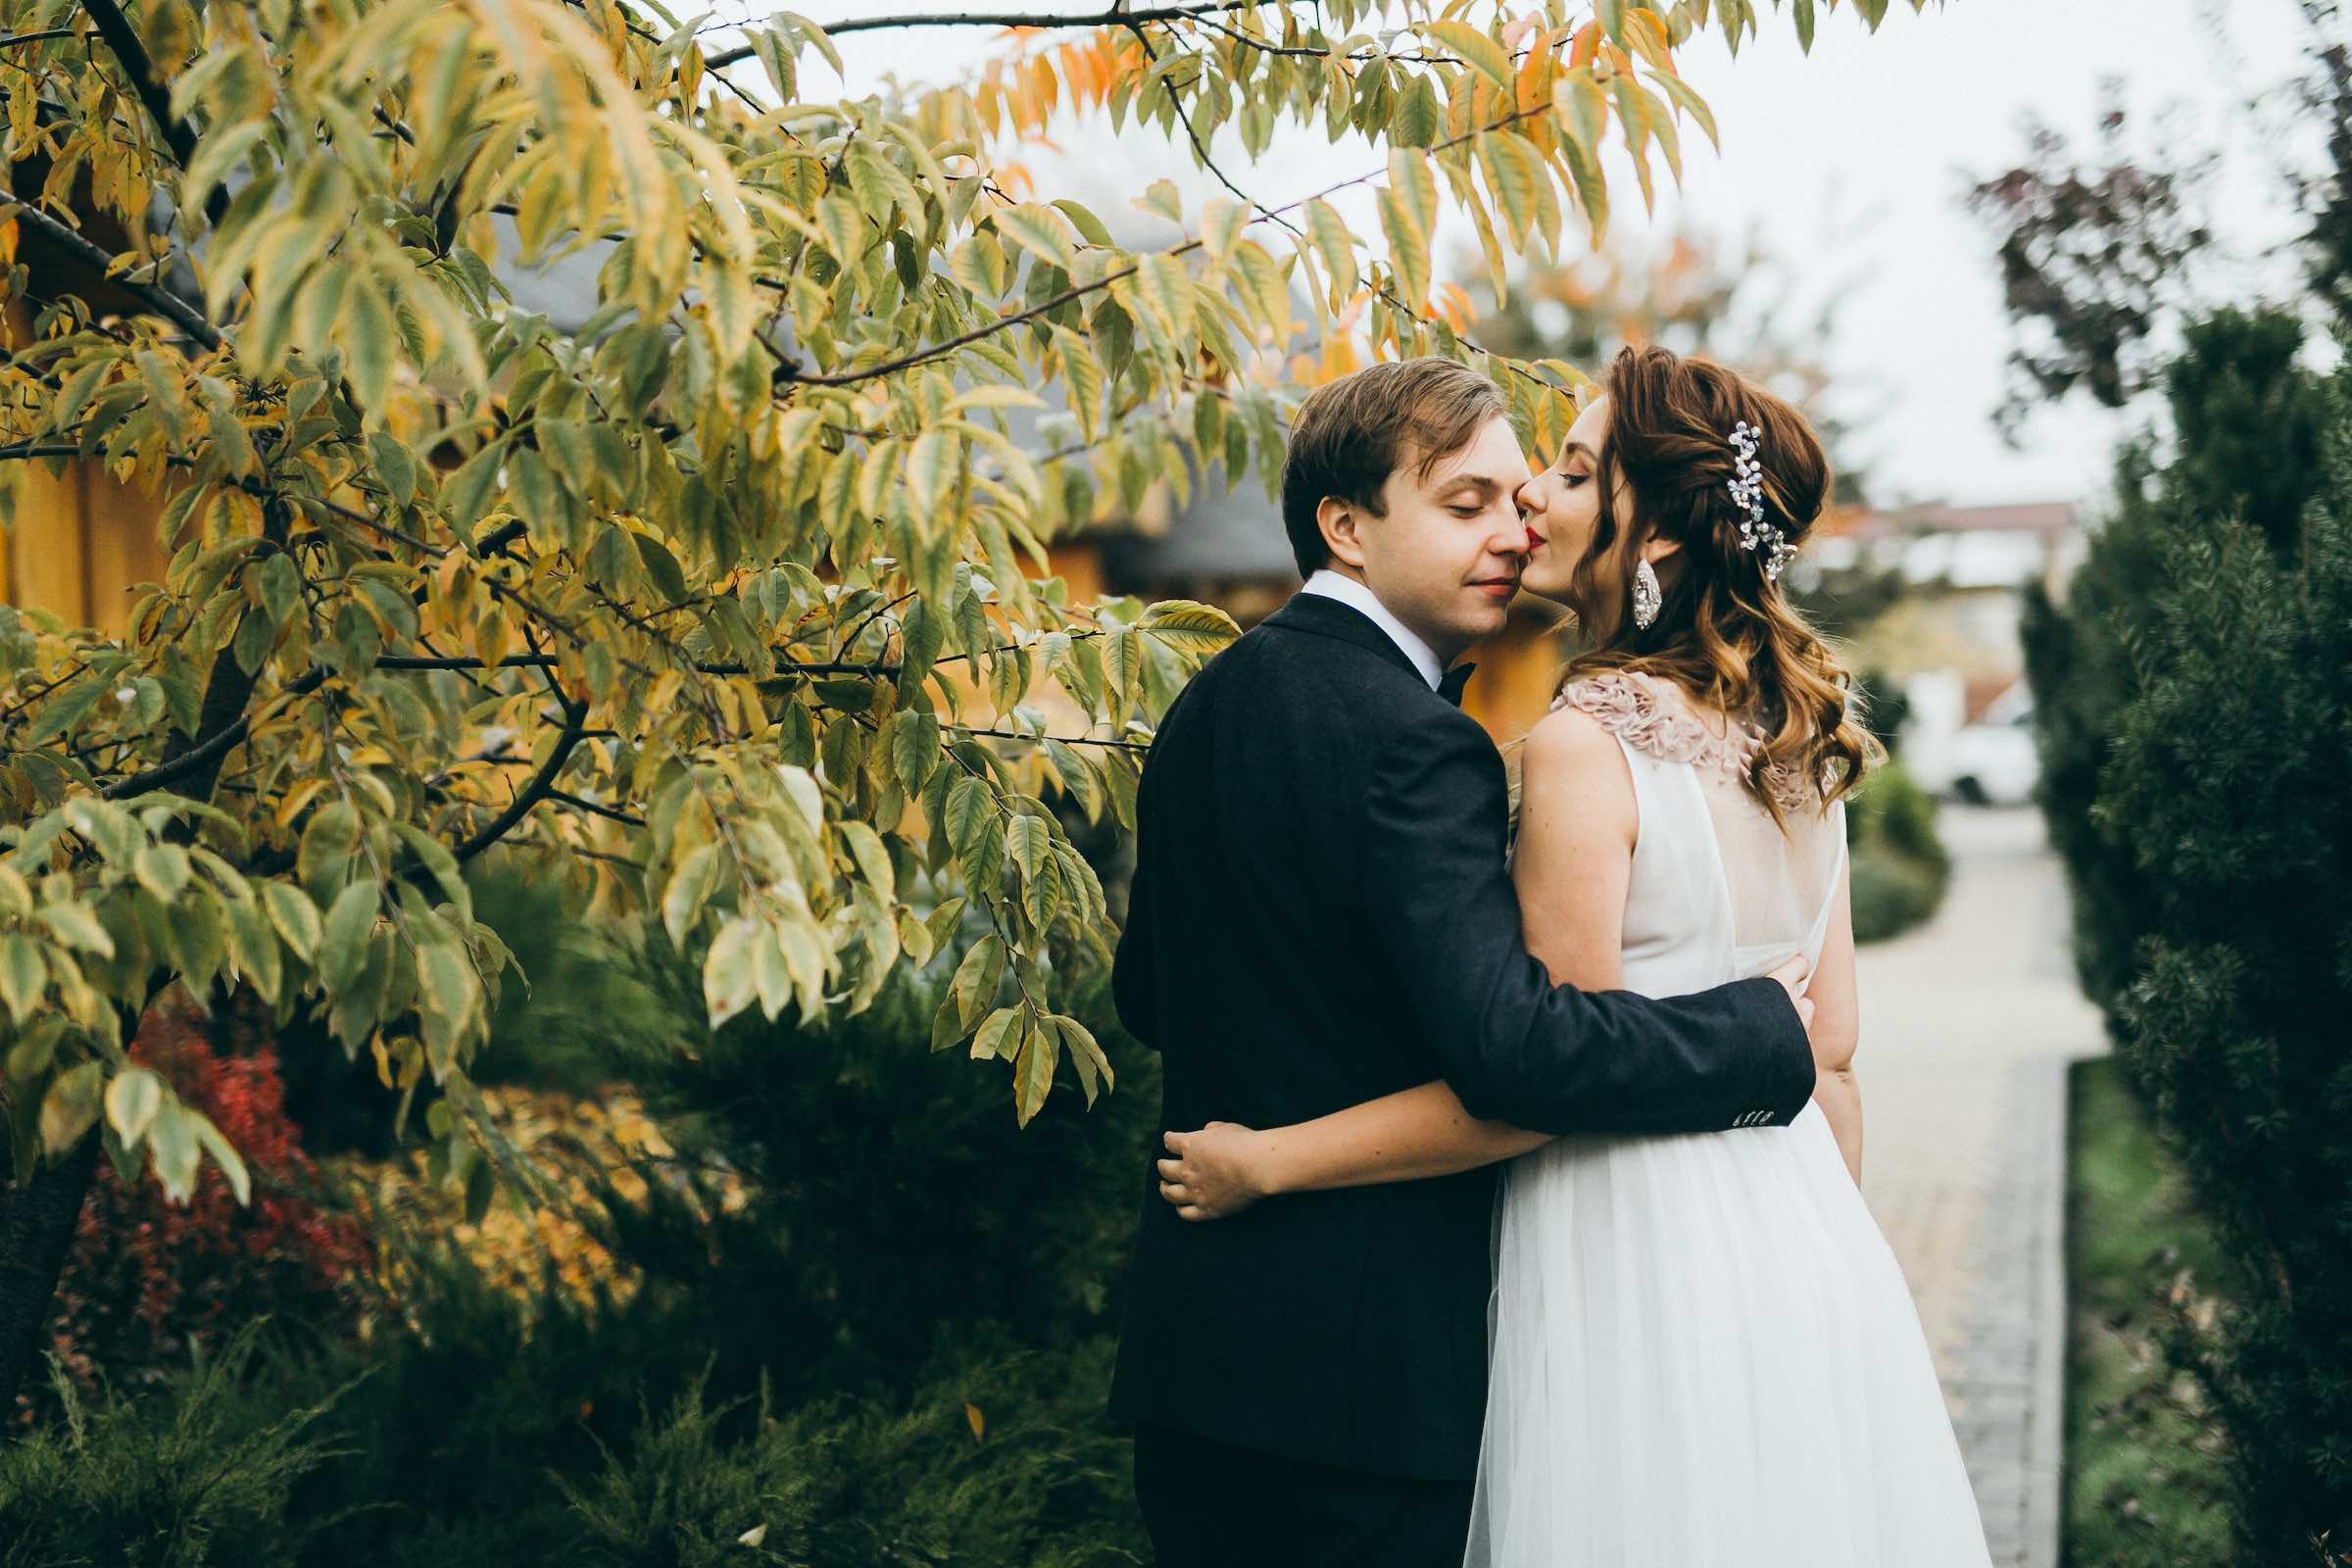 Fotograf |Hochzeit |Hochzeitsreportage |Hameln |Hildesheim |Peine |Fotograf |Celle |Braunschweig |Hannover |Hochzeit |Hochzeitsfotografie |Fotografie |Mieten |Buchen |Lehmann |Eventservice